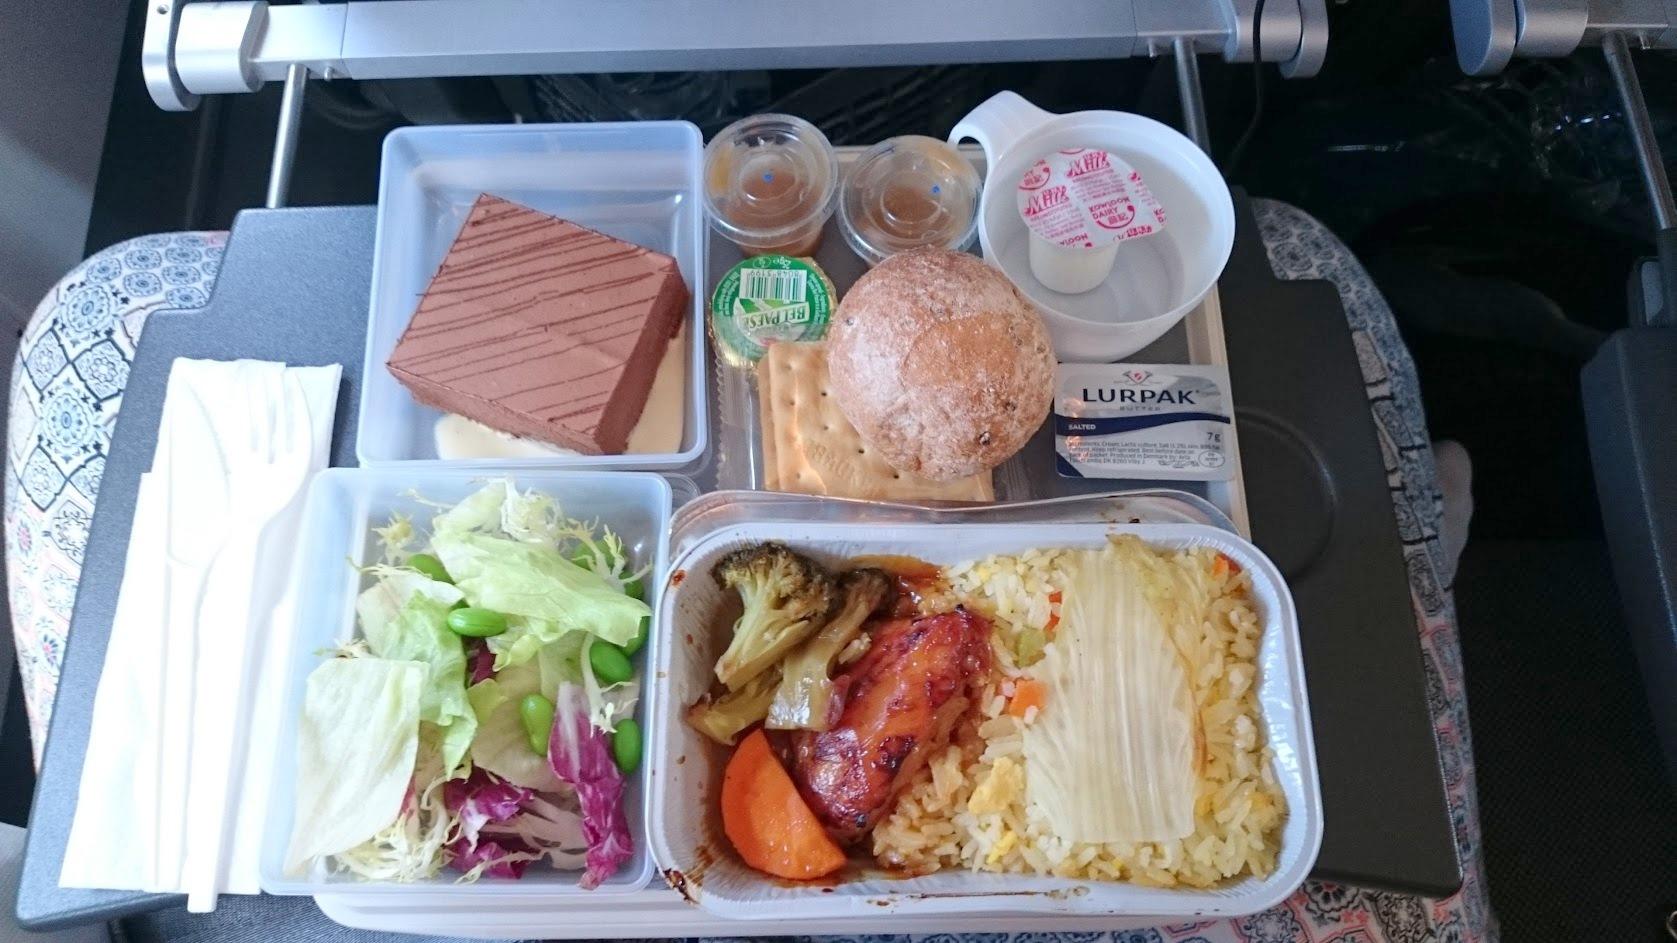 SAS Plus matkustusluokka korotus kokemuksia tarjoilu